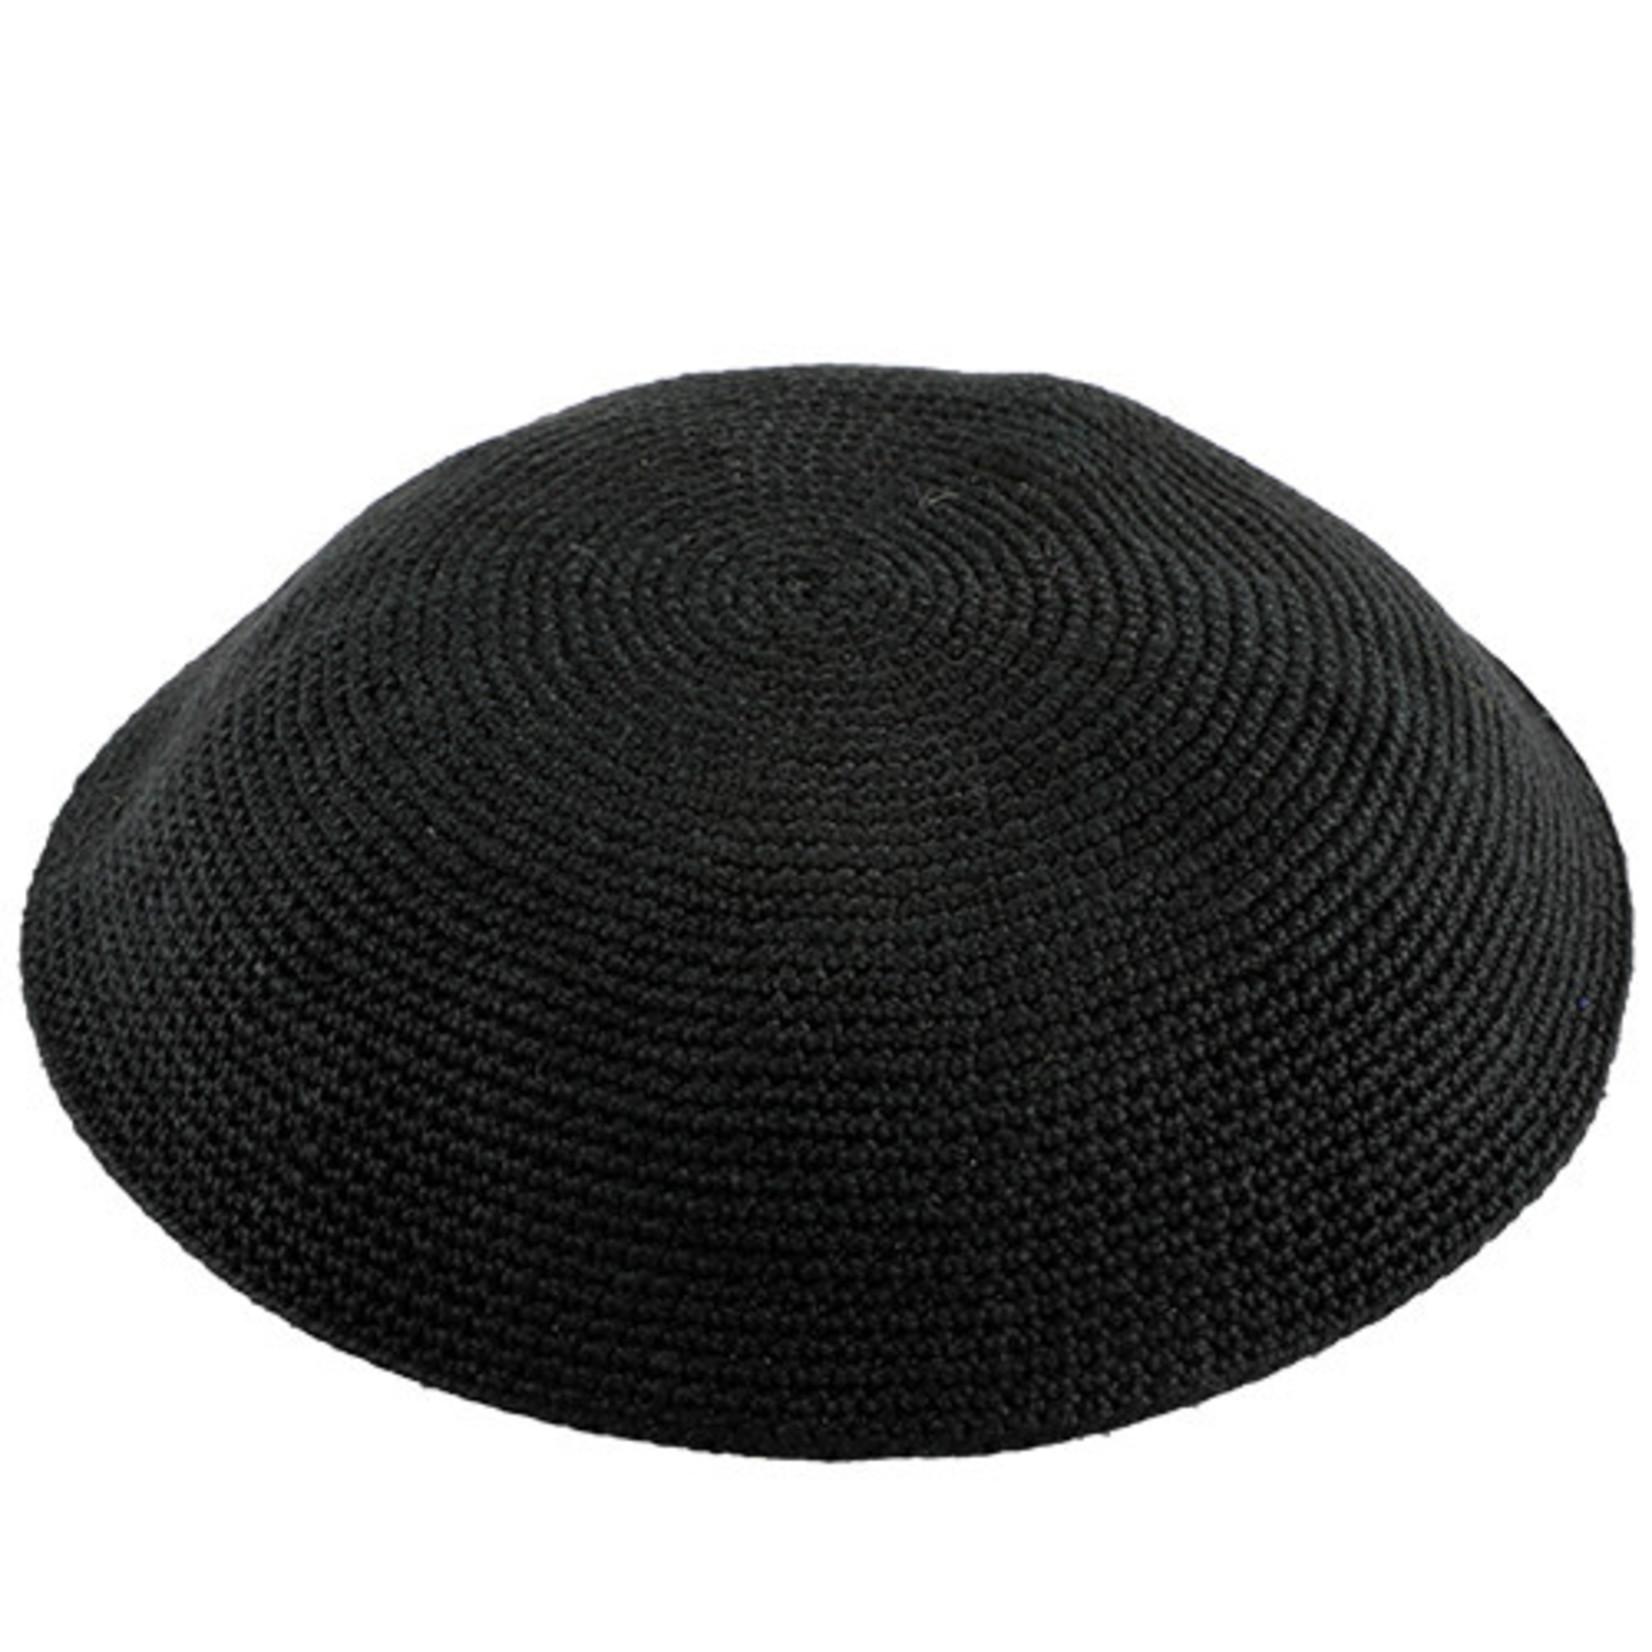 DMC Knit Kippah, Black, 19cm